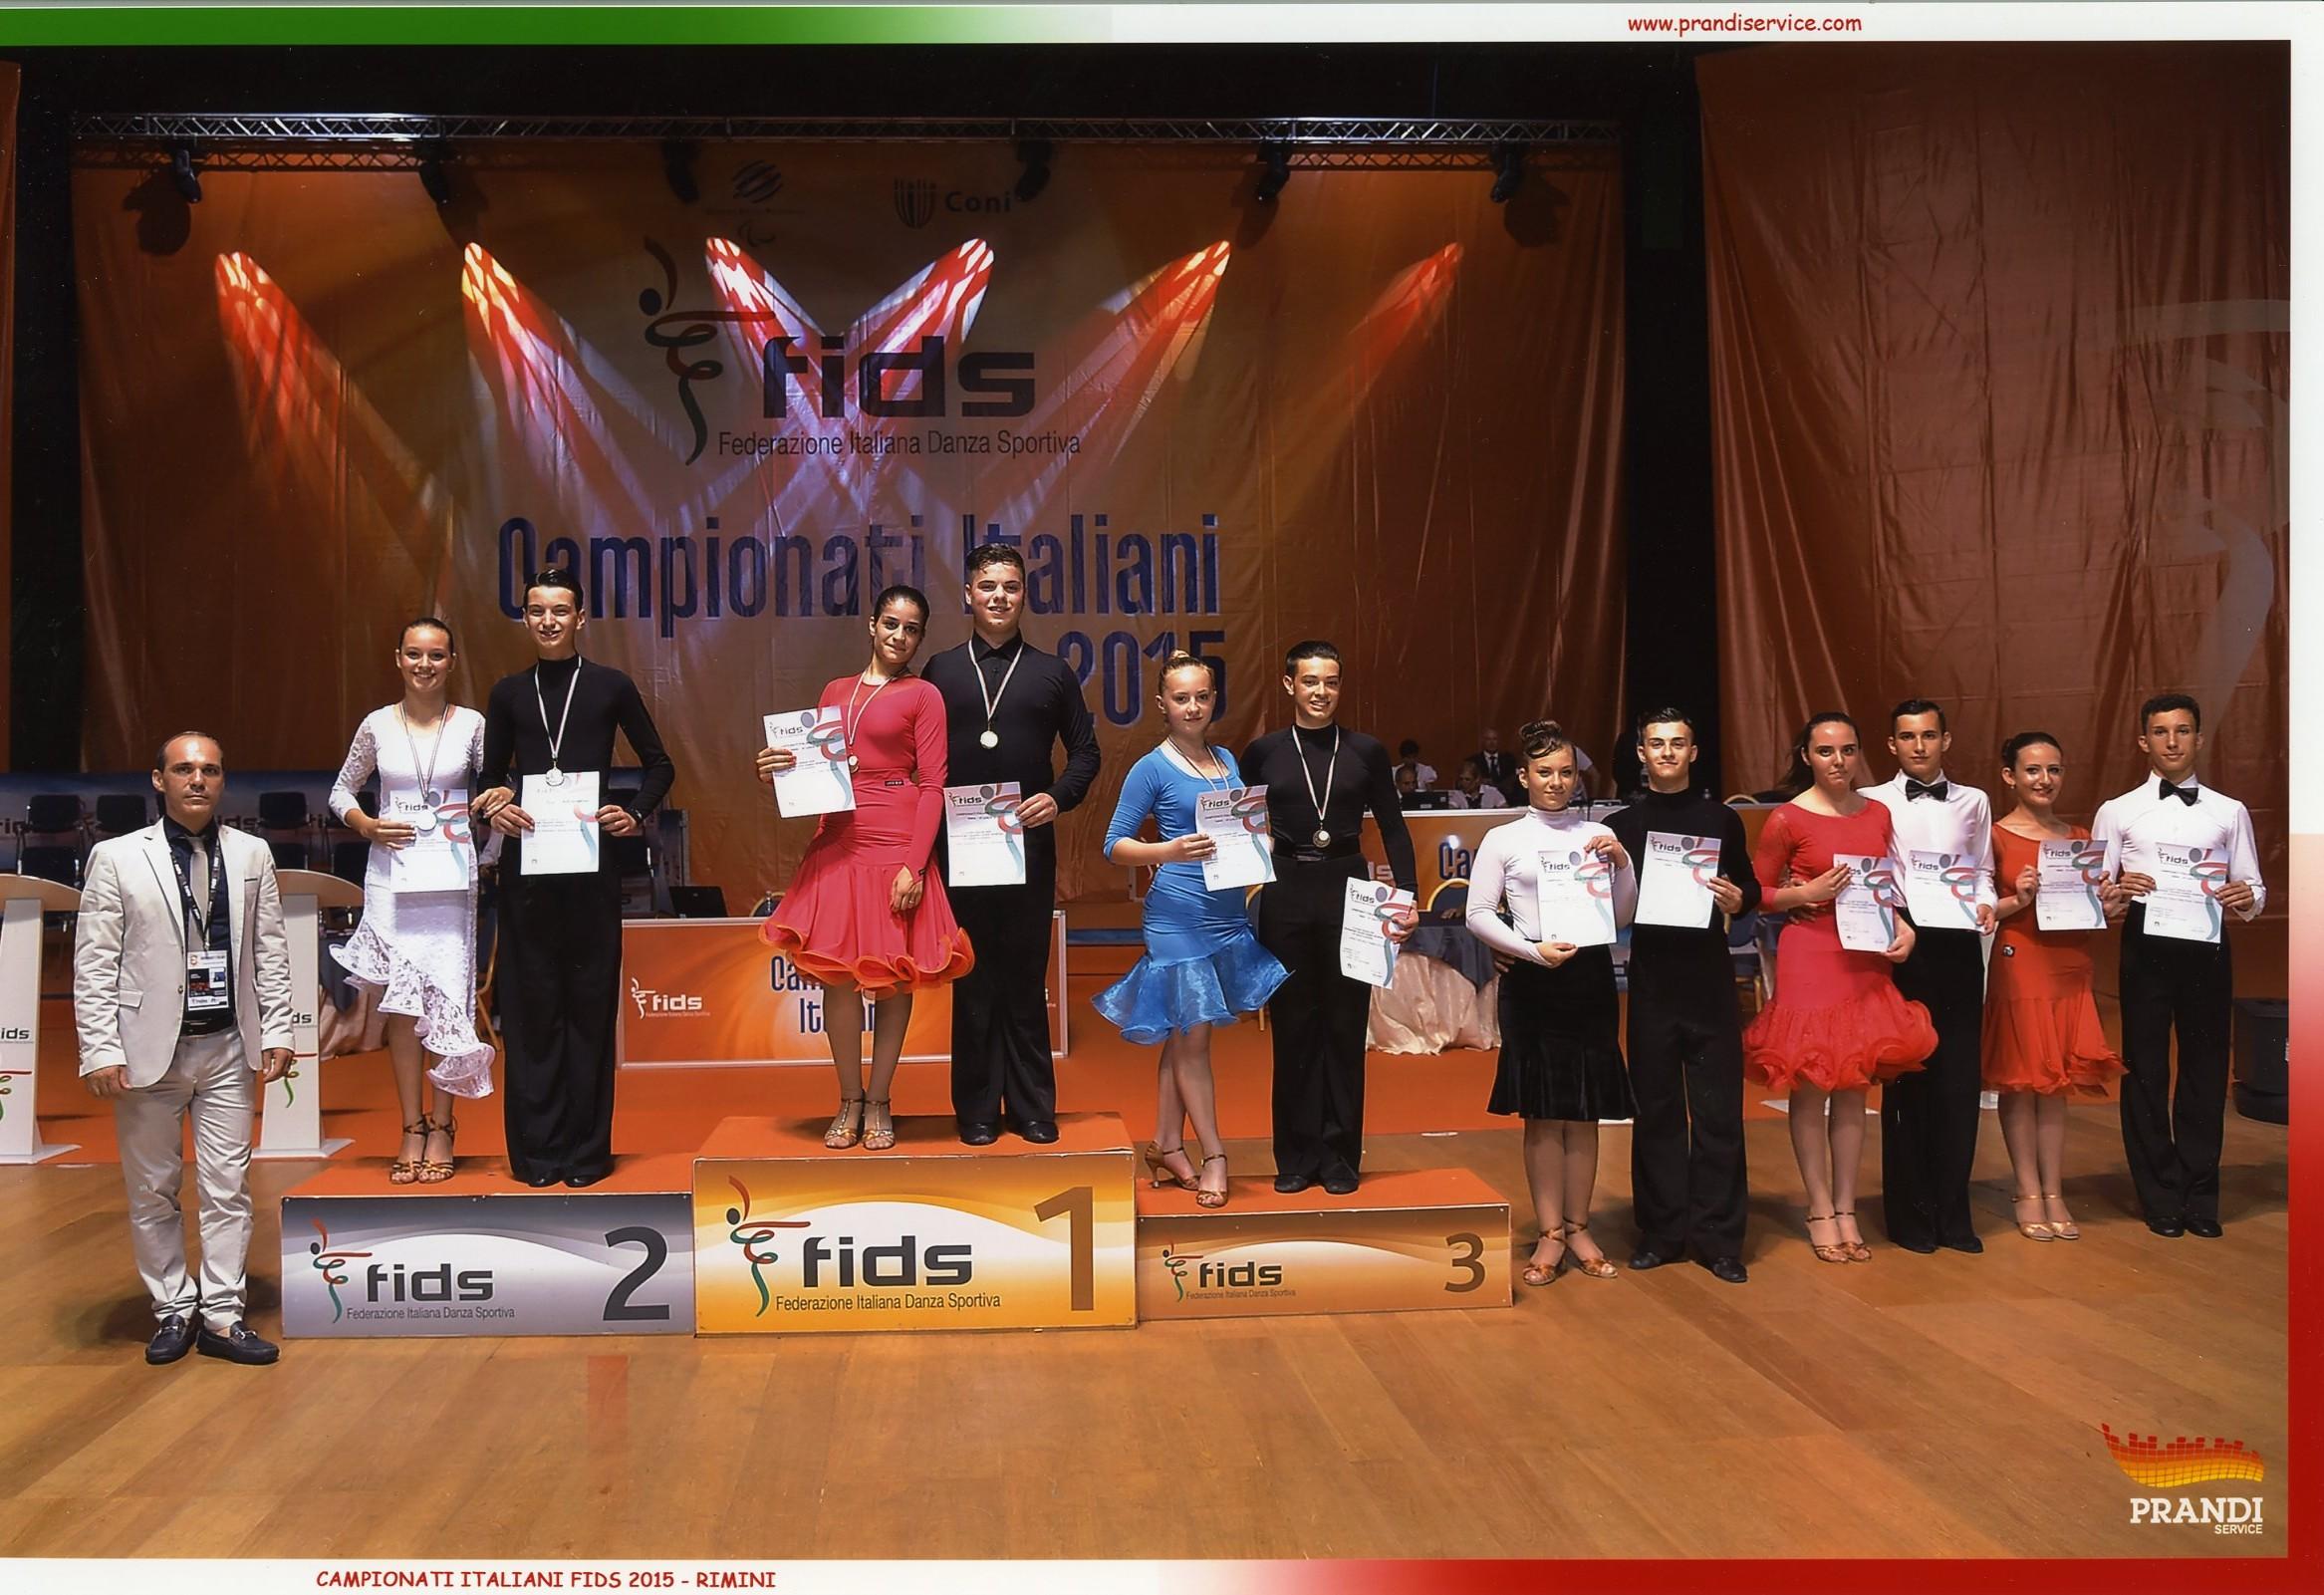 danza-sportiva-podio2015.jpg